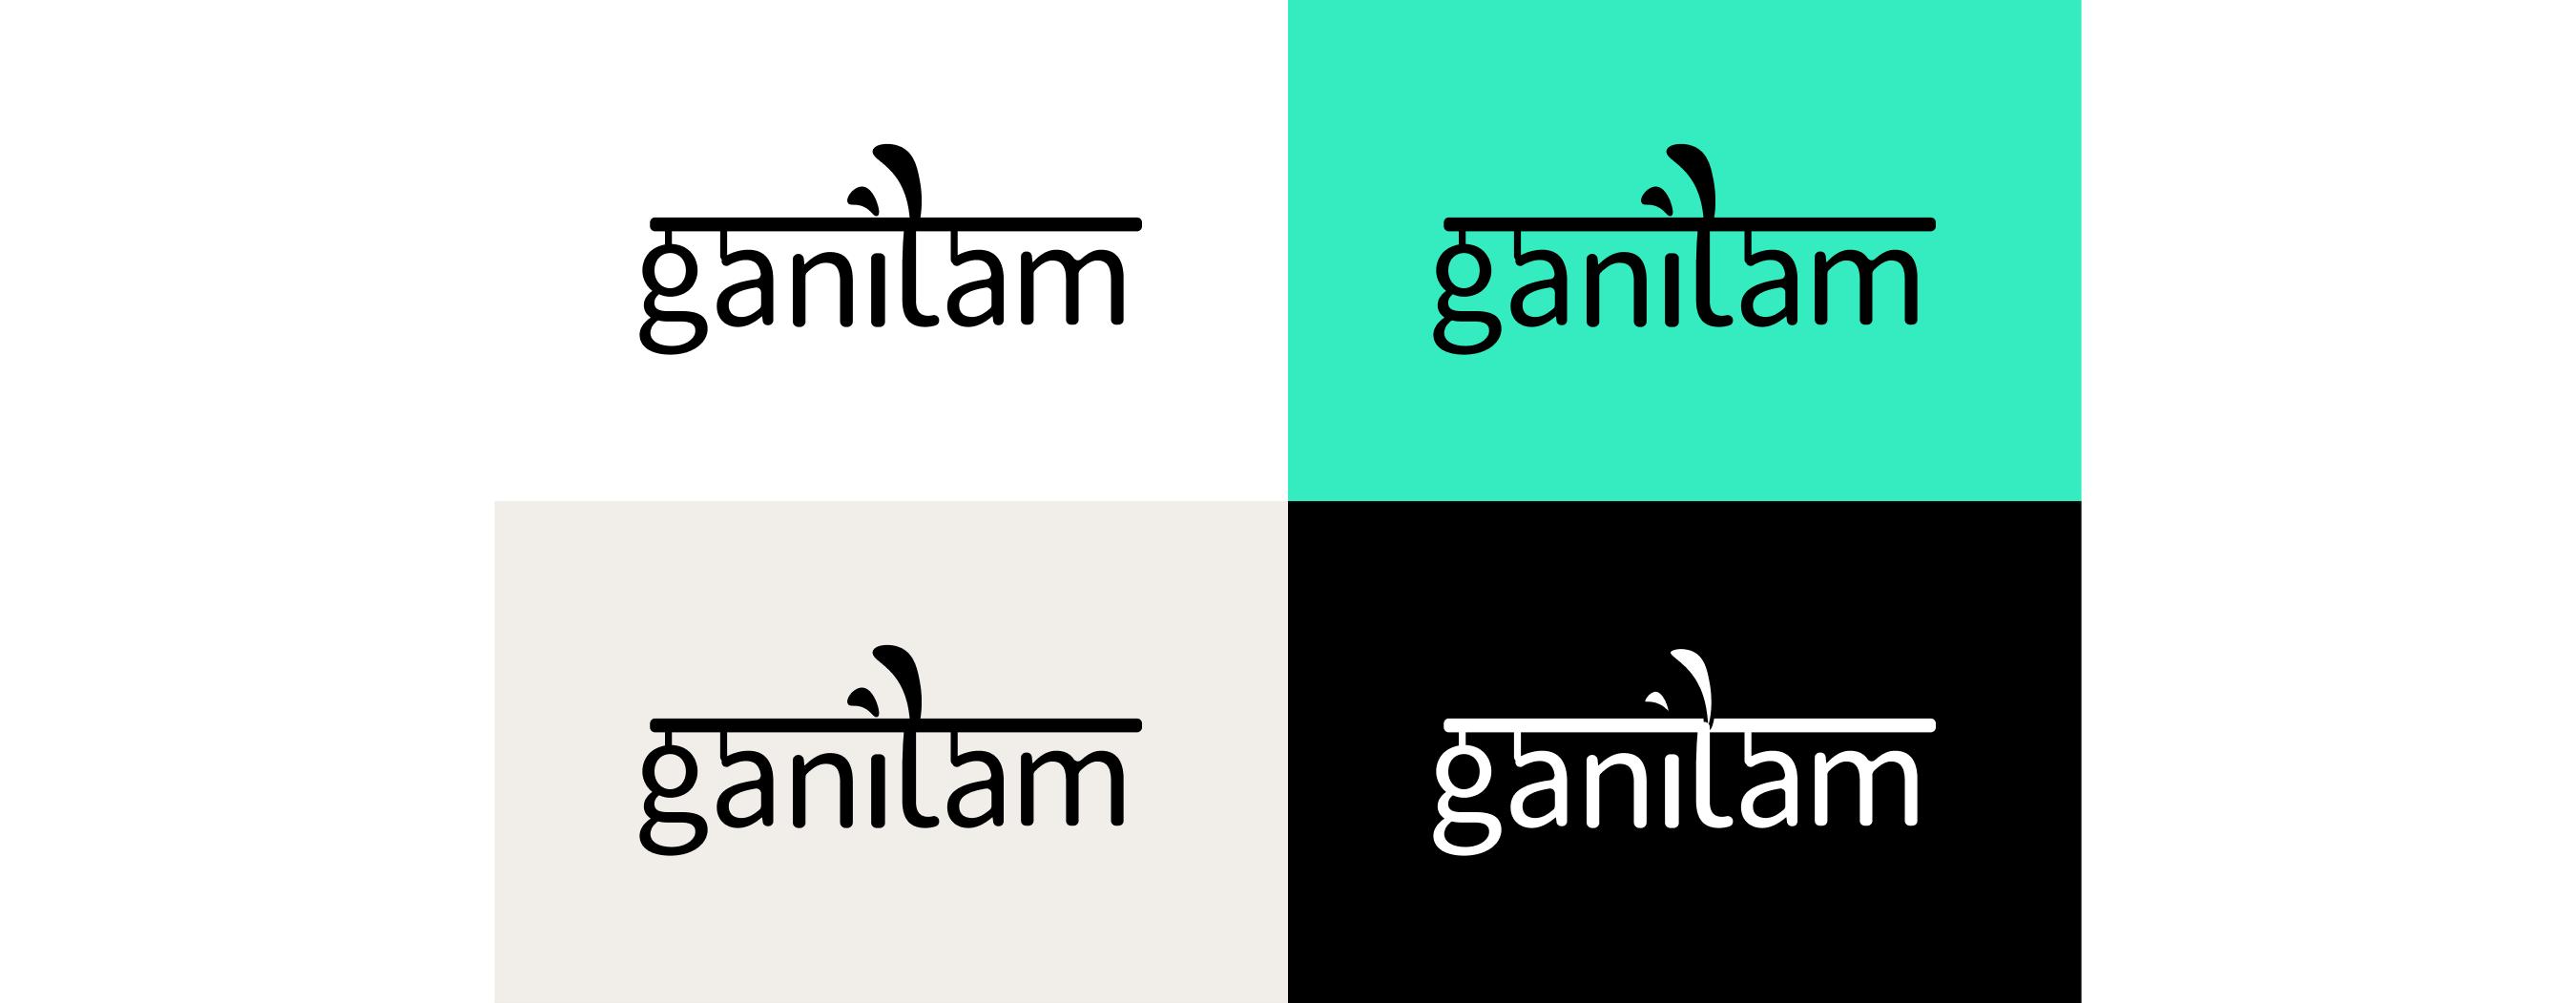 Ganitam